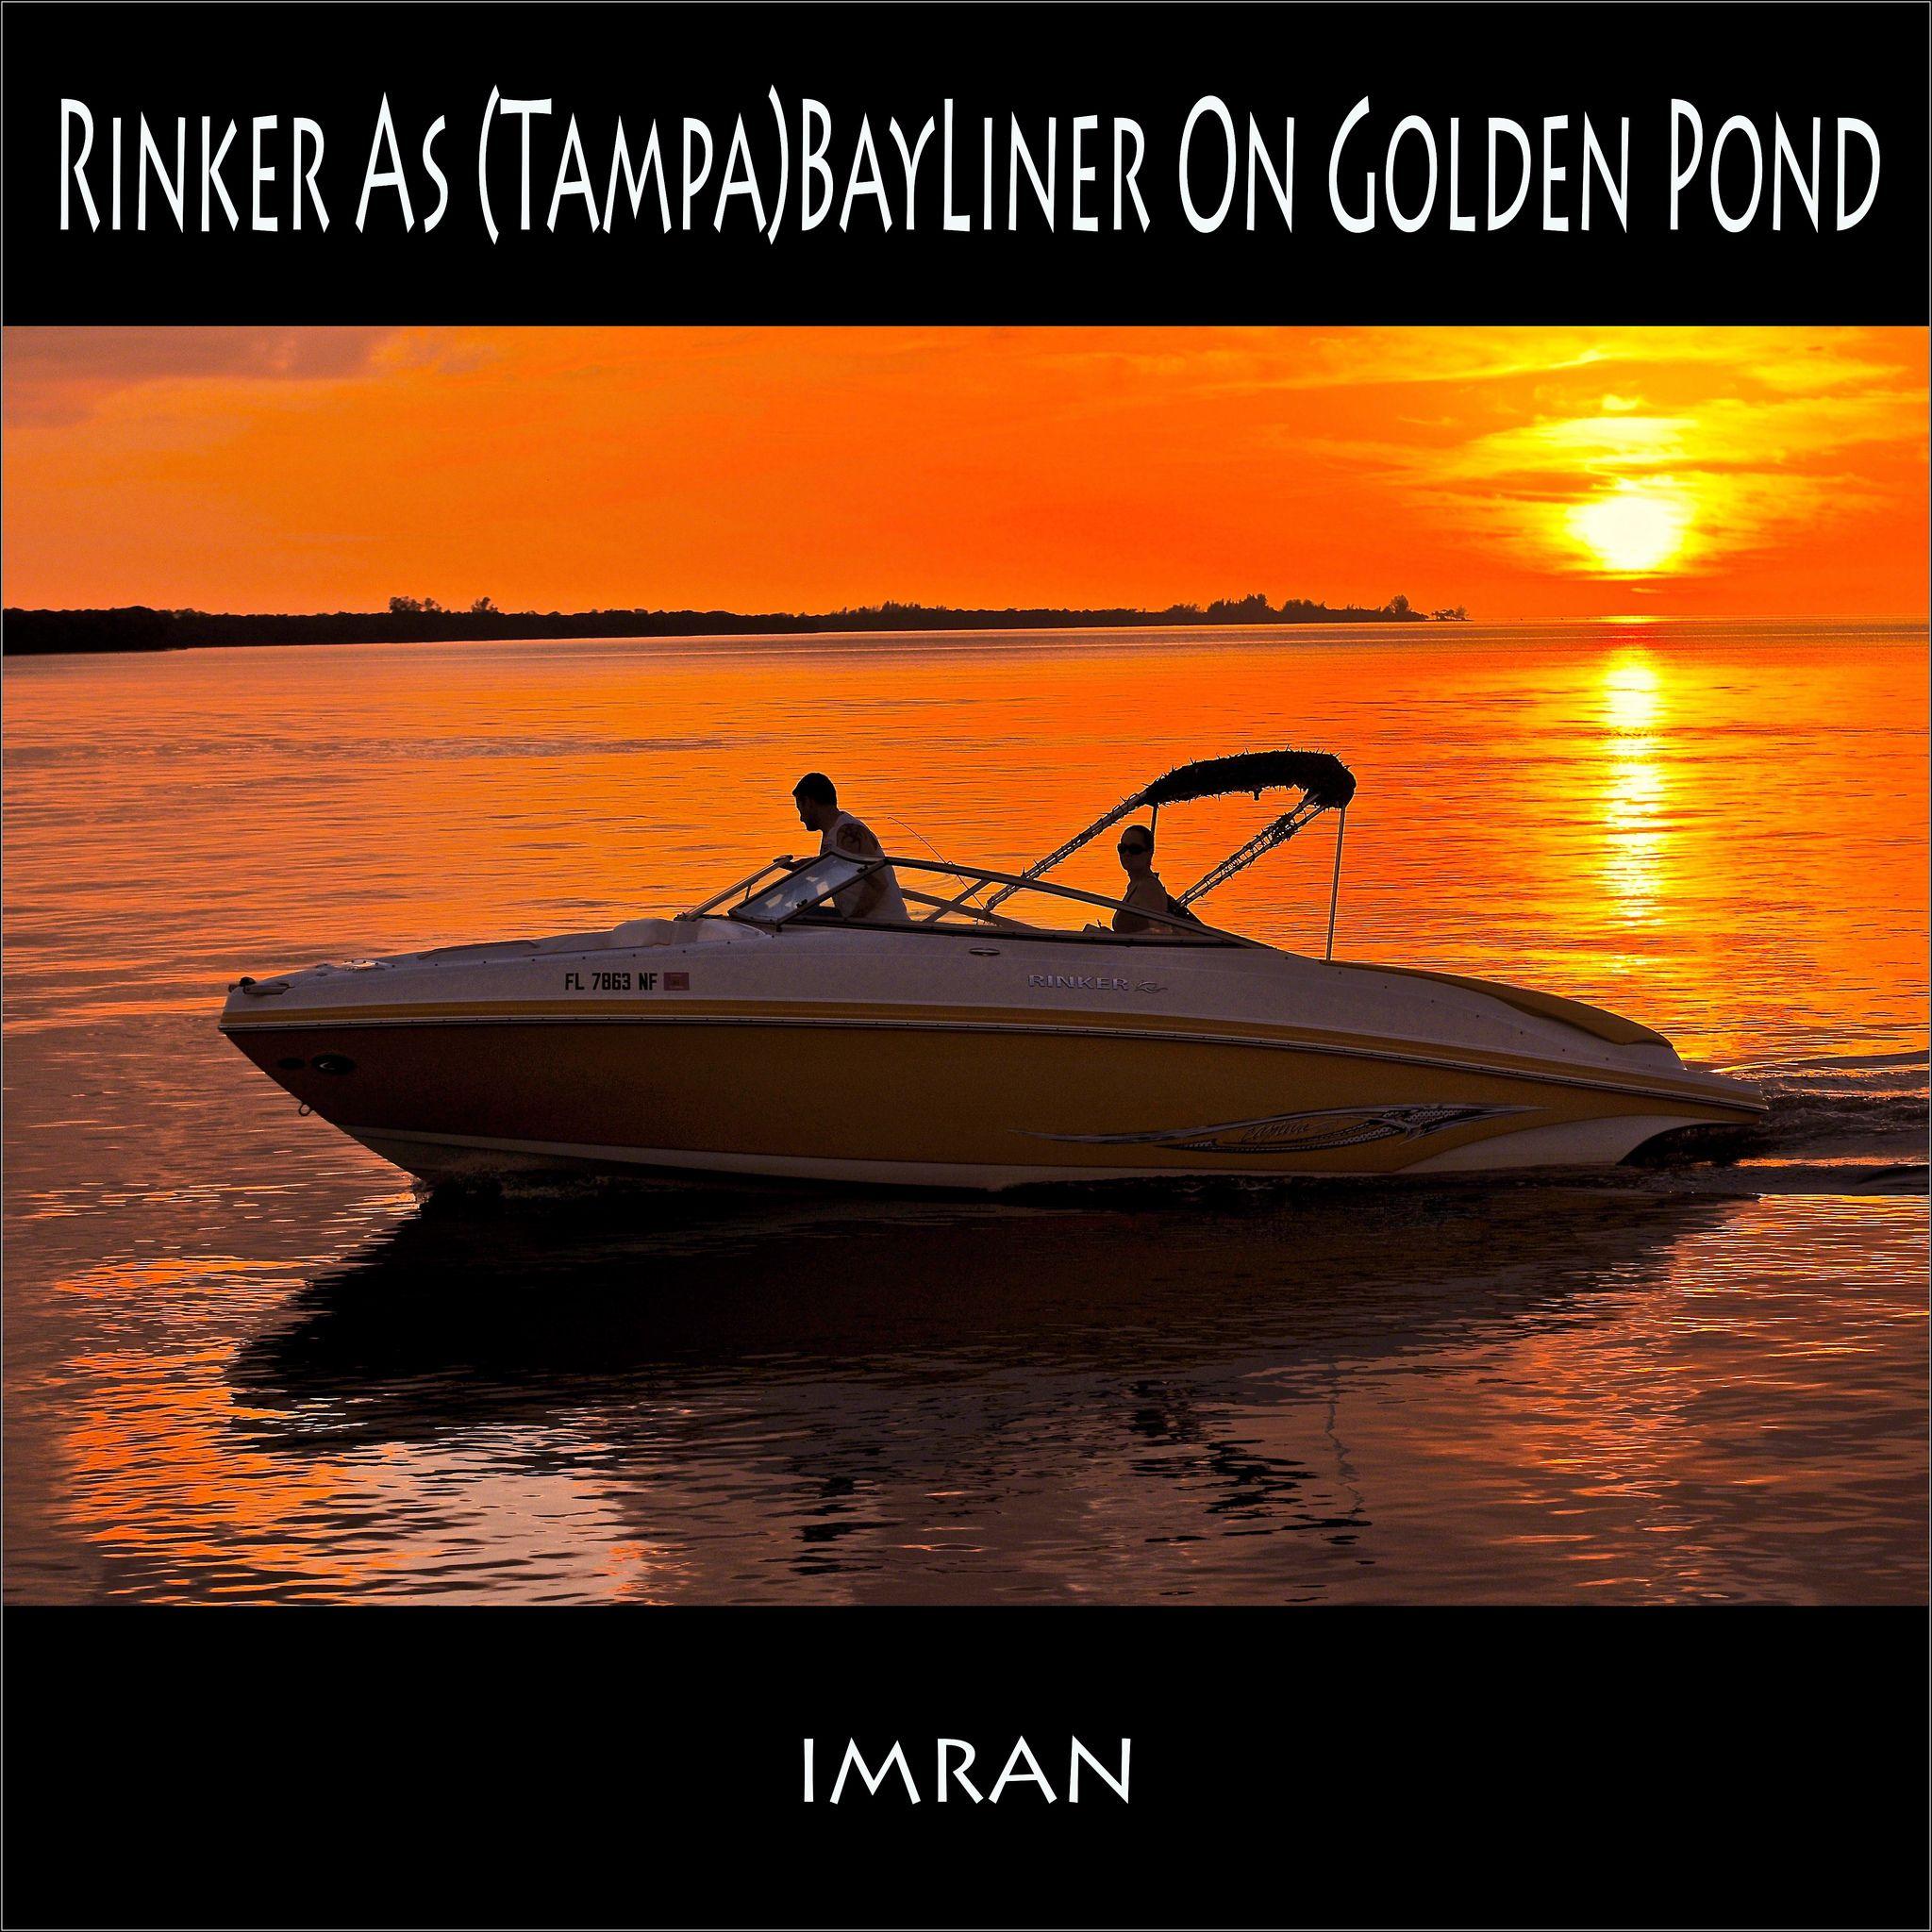 I See Rinker As Tampa Bayliner On Golden Pond Imran On Golden Pond Florida Weather Pond